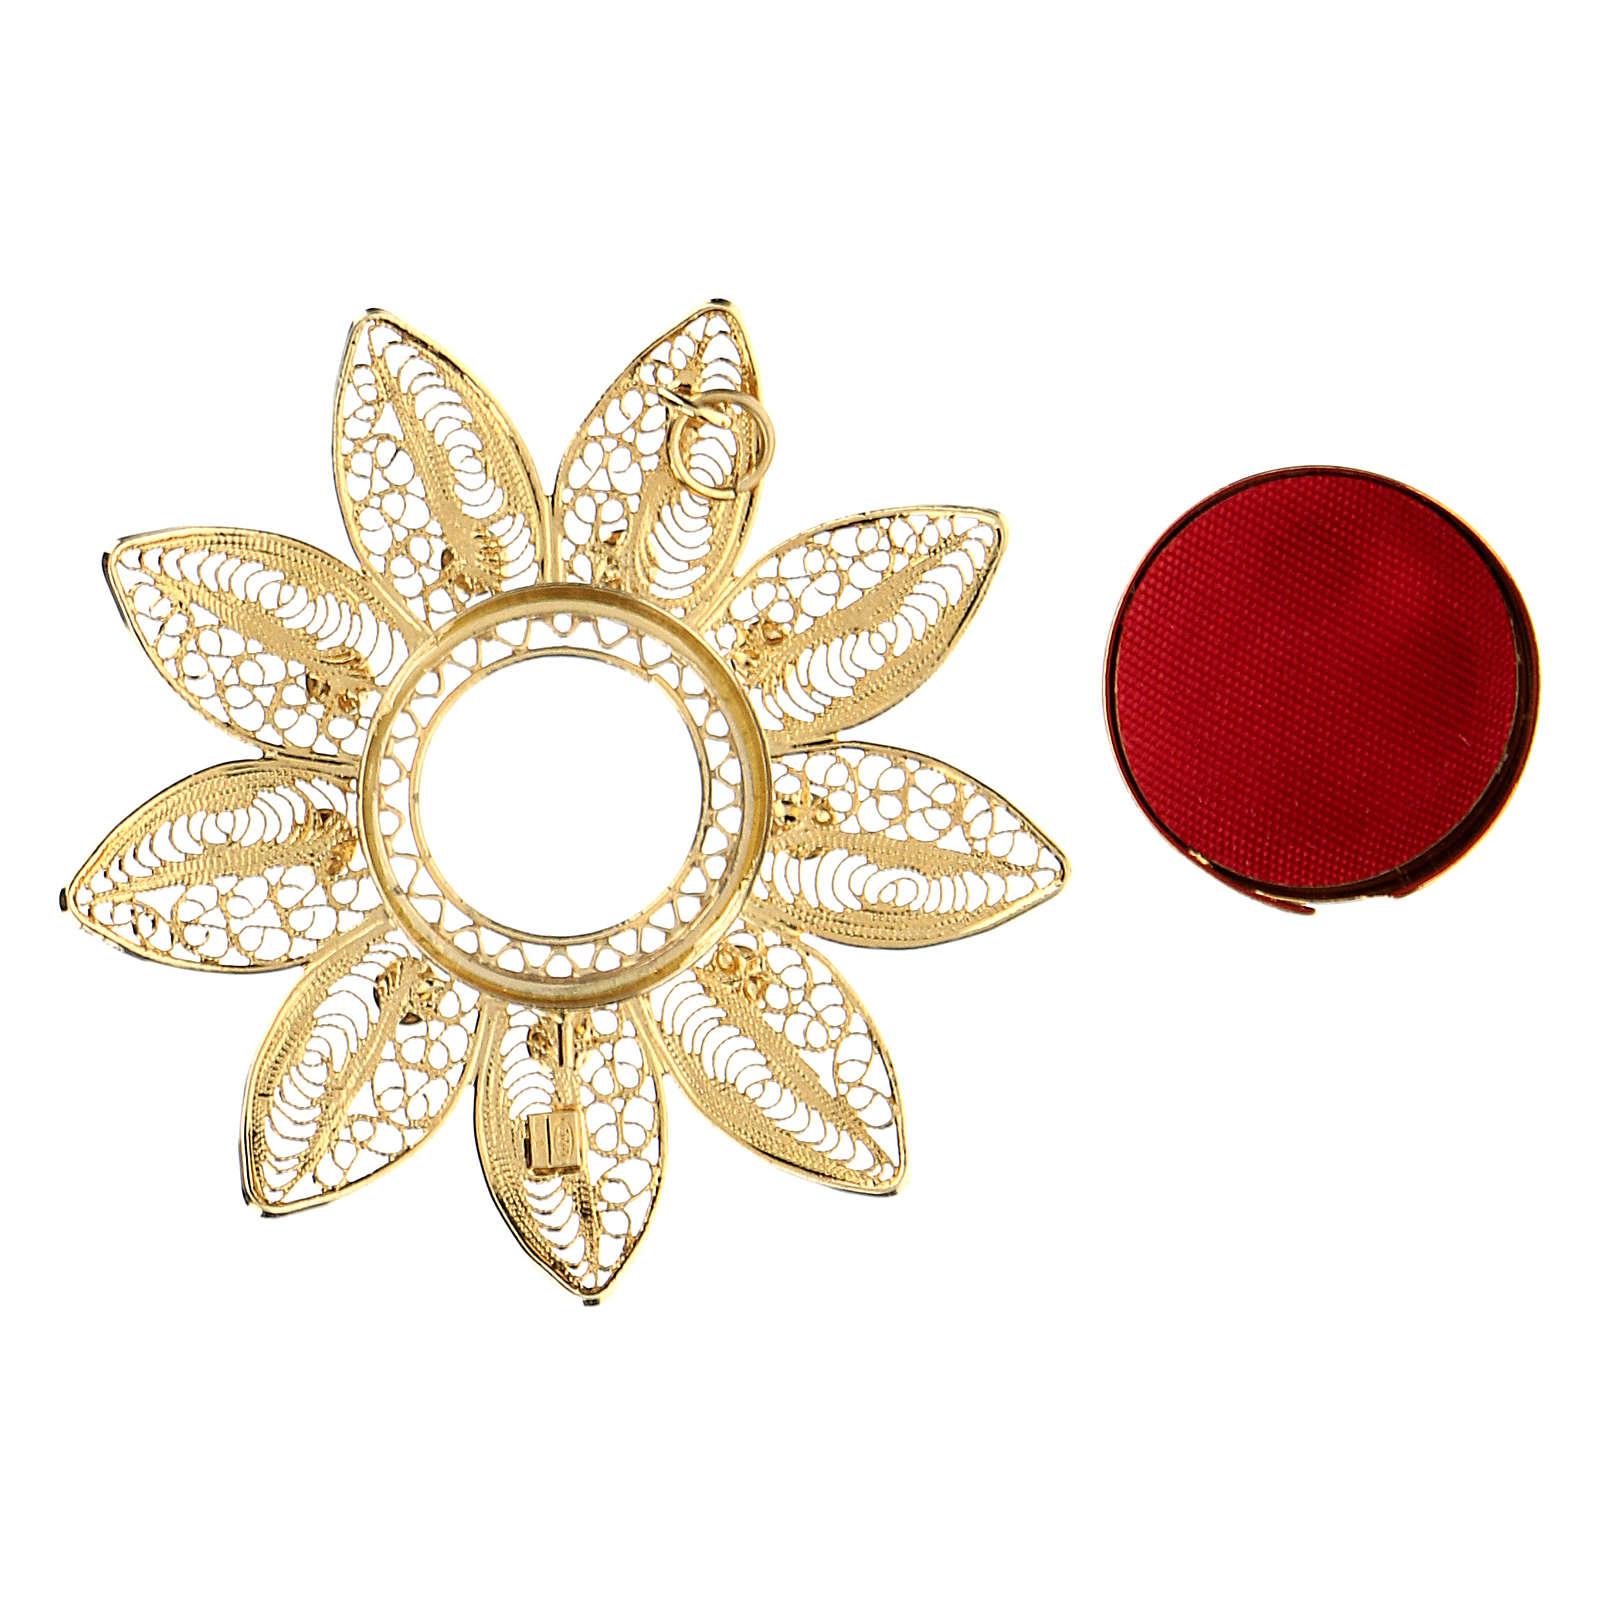 Reliquiario 5 cm a forma di fiore argento dorato pietre rosse 4